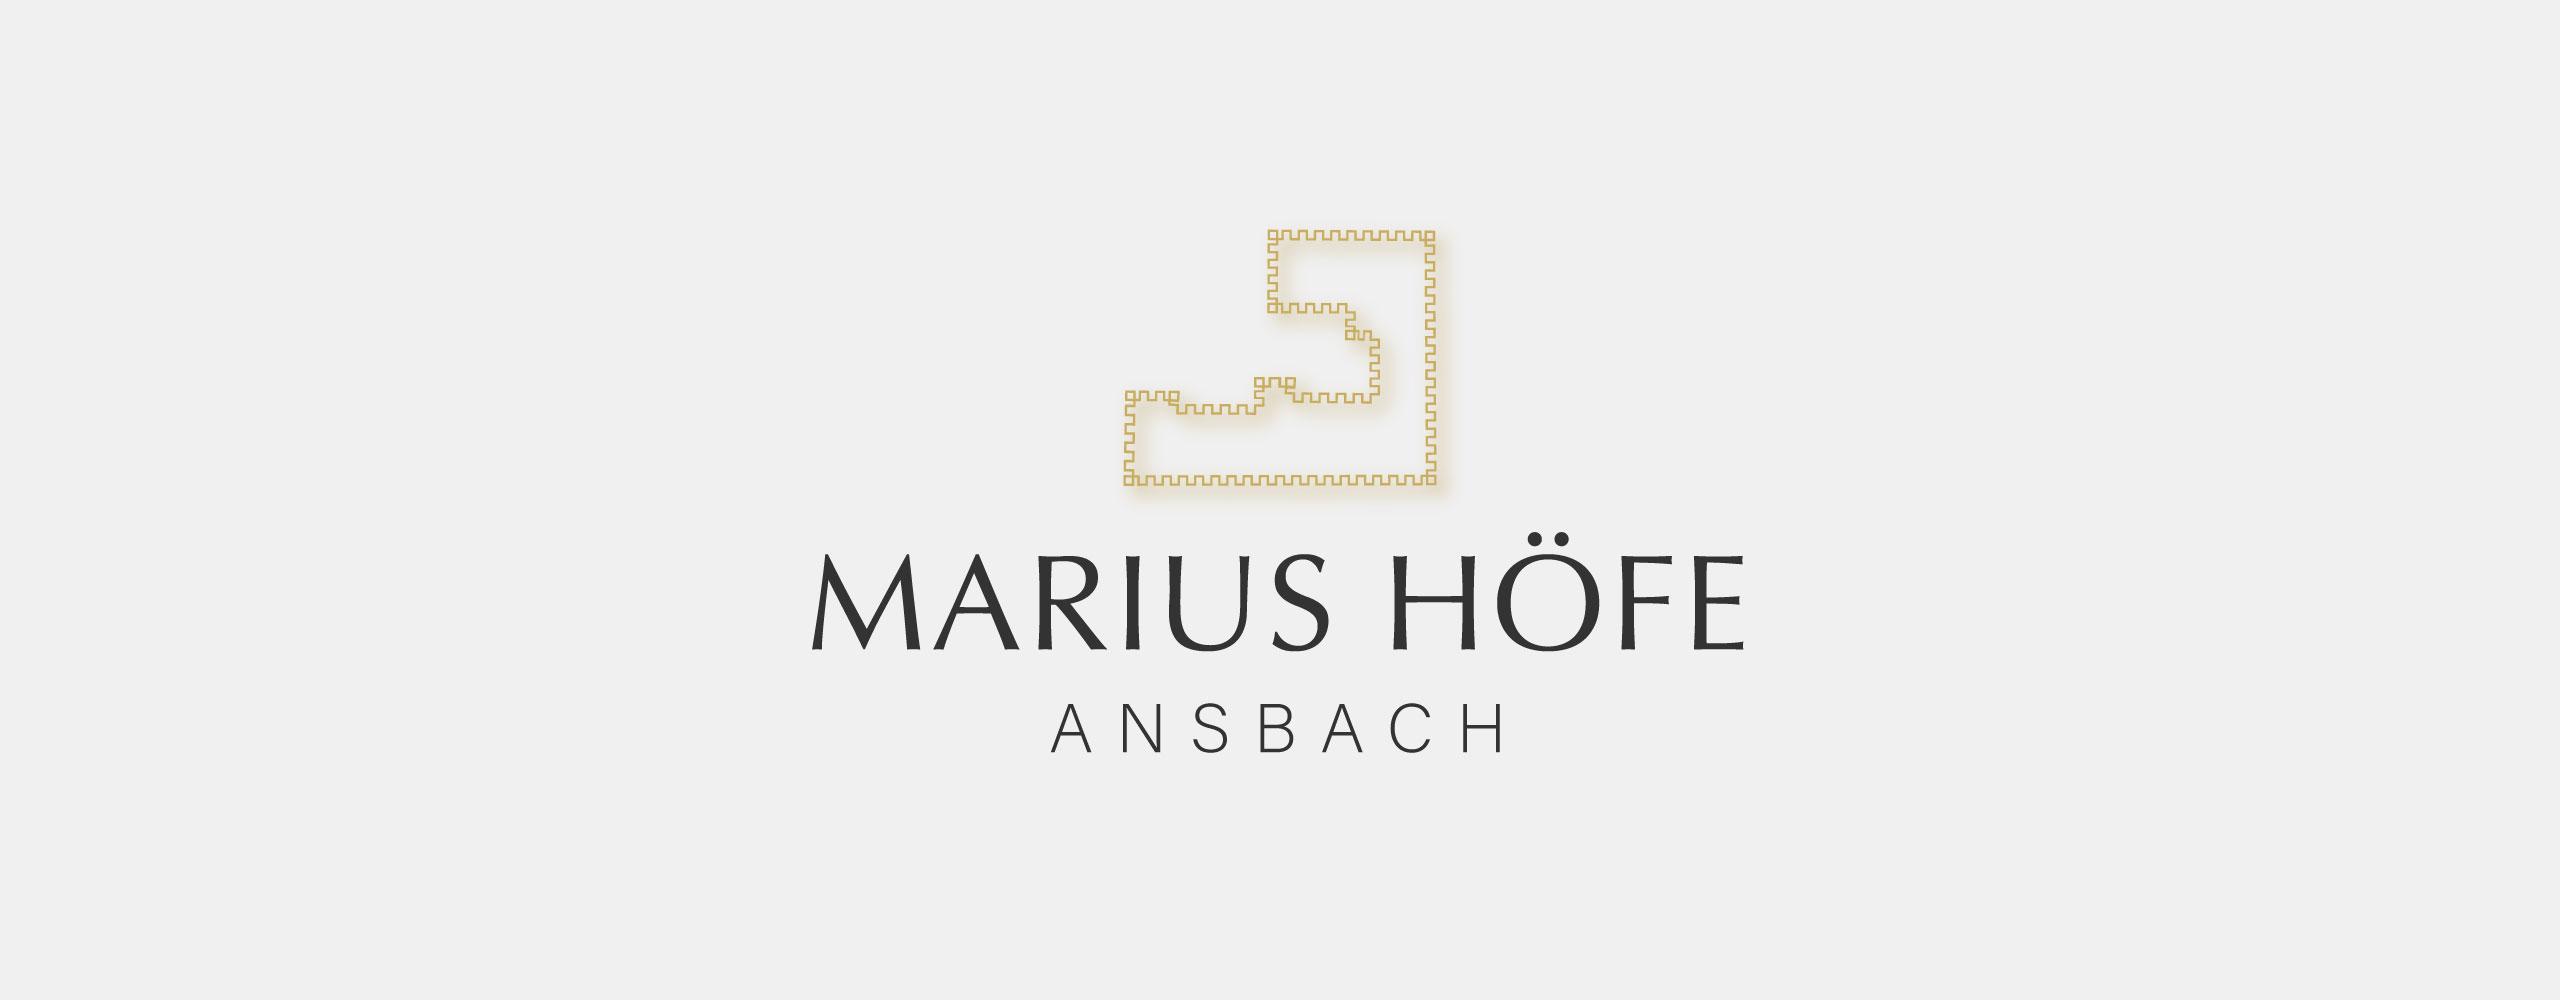 Vorankündigung MARIUS HÖFE Ansbach Eigentumswohnungen Neubau